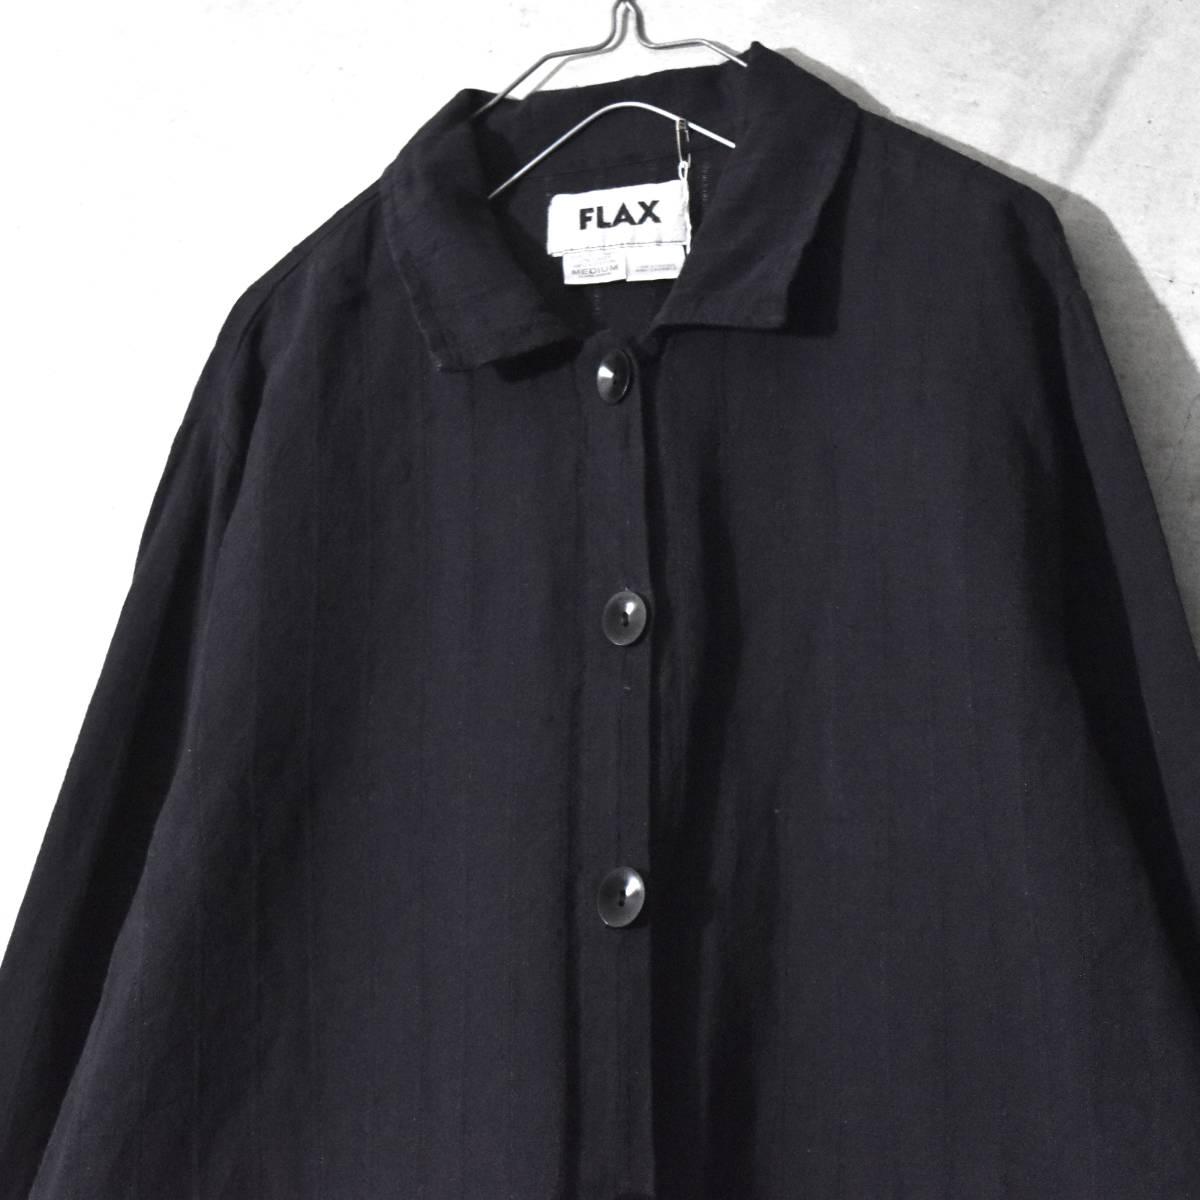 ★美品★ FLAX フラックス ストライプ ロングシャツ 黒 Mサイズ リネン_画像3